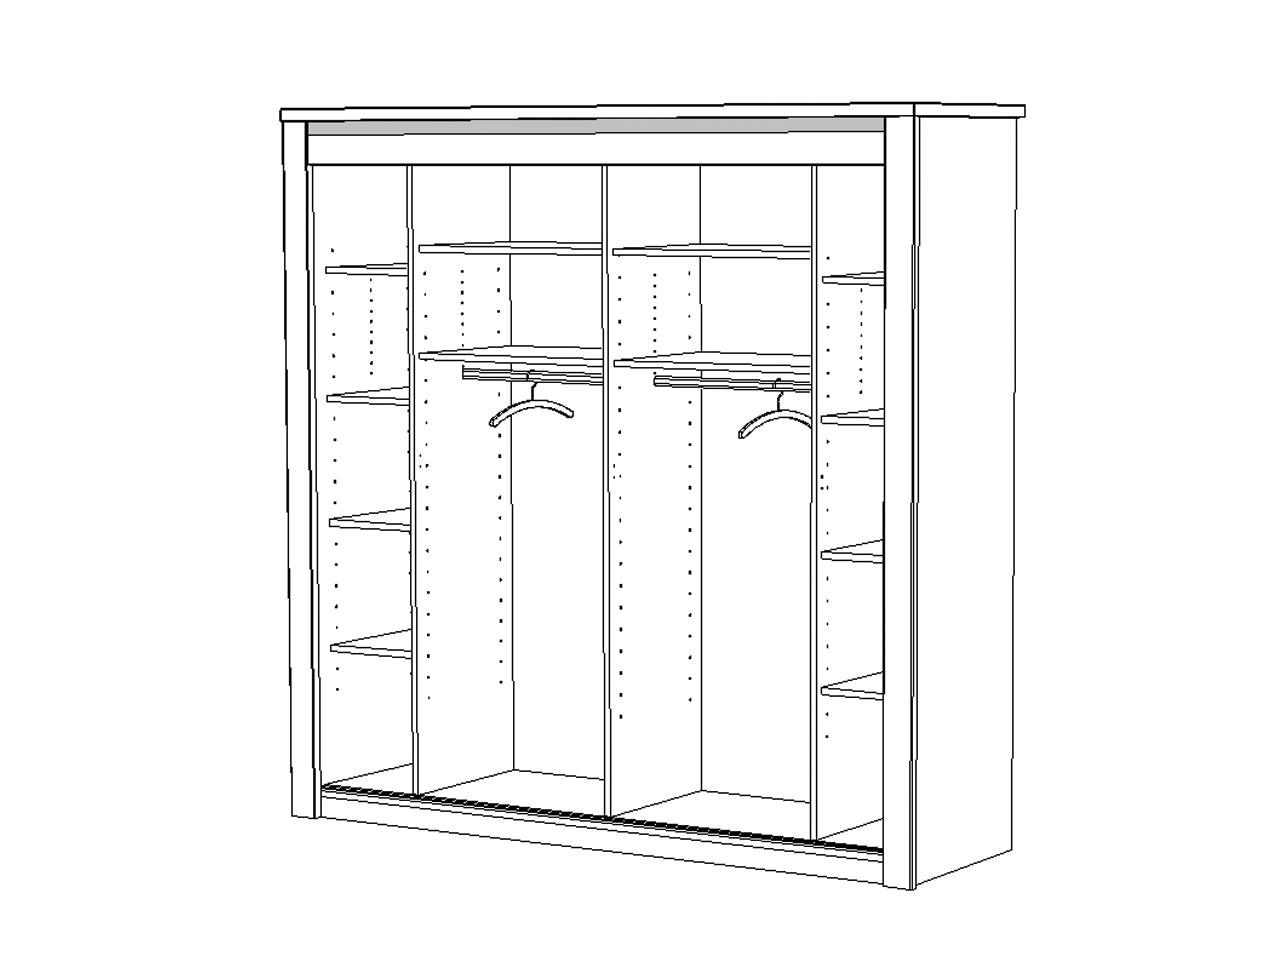 Armoire glace oc ane meubles turone - Dimension porte chambre ...